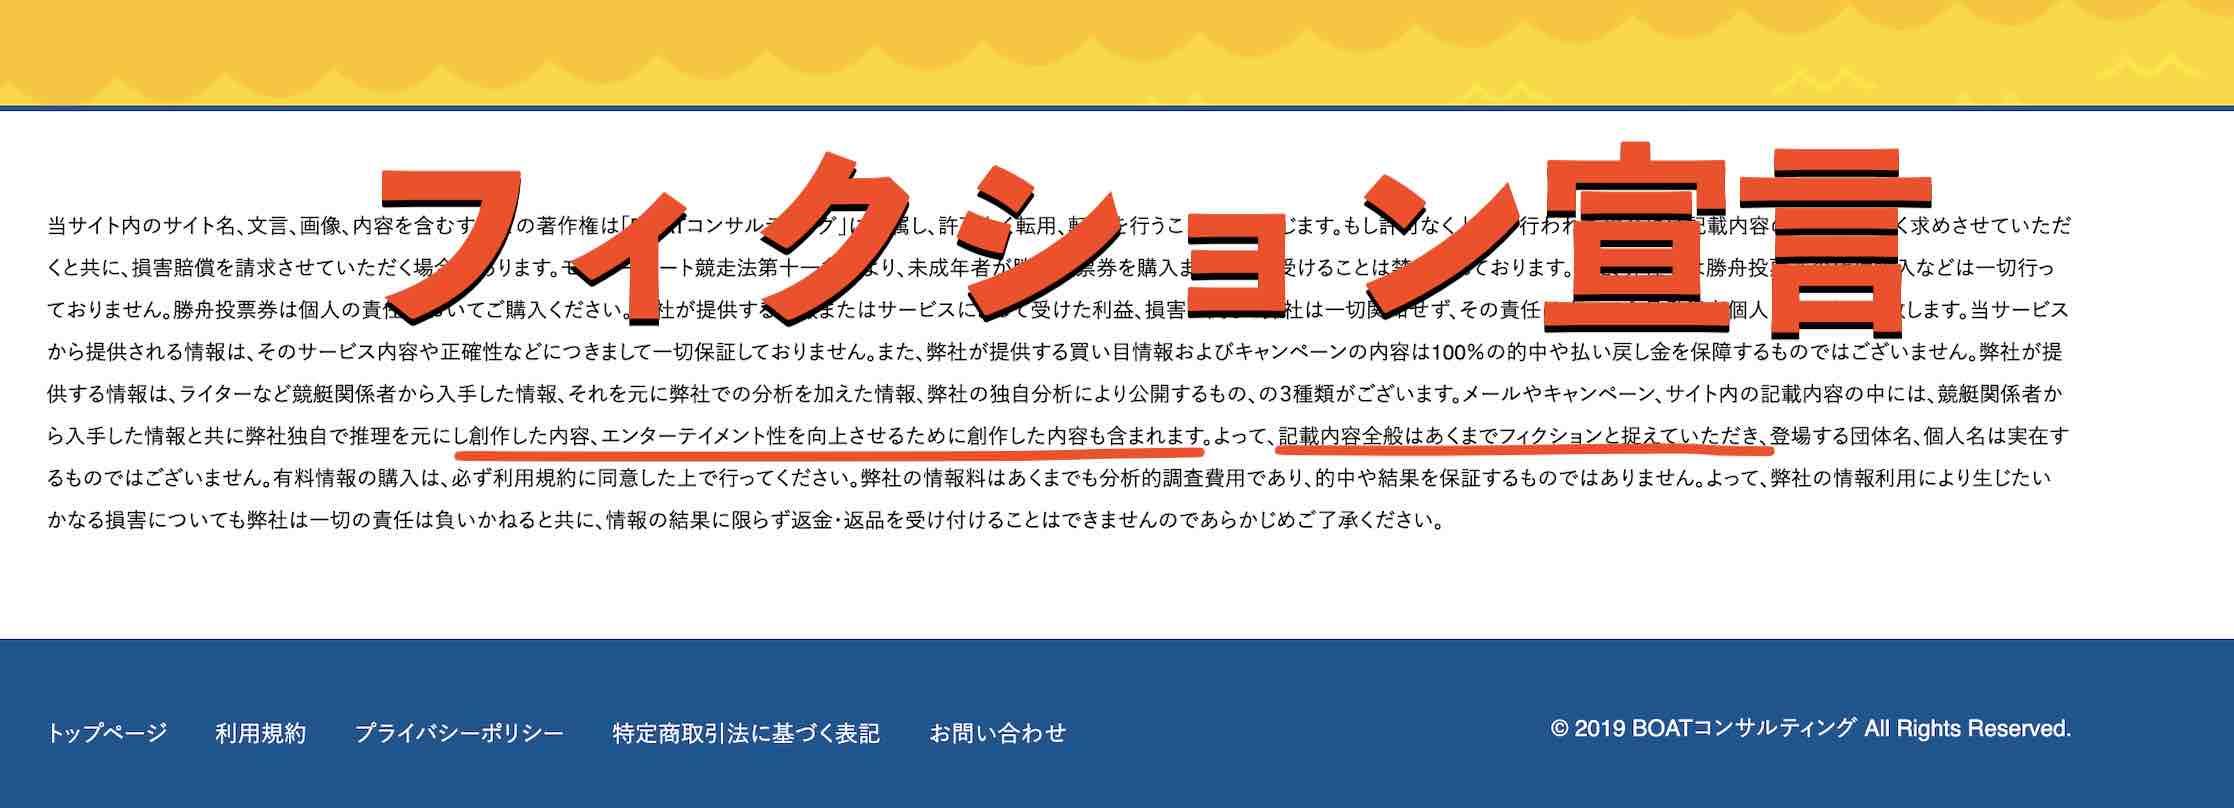 ボートコンサルティング(BOATコンサルティング)という競艇予想サイトの嘘宣言